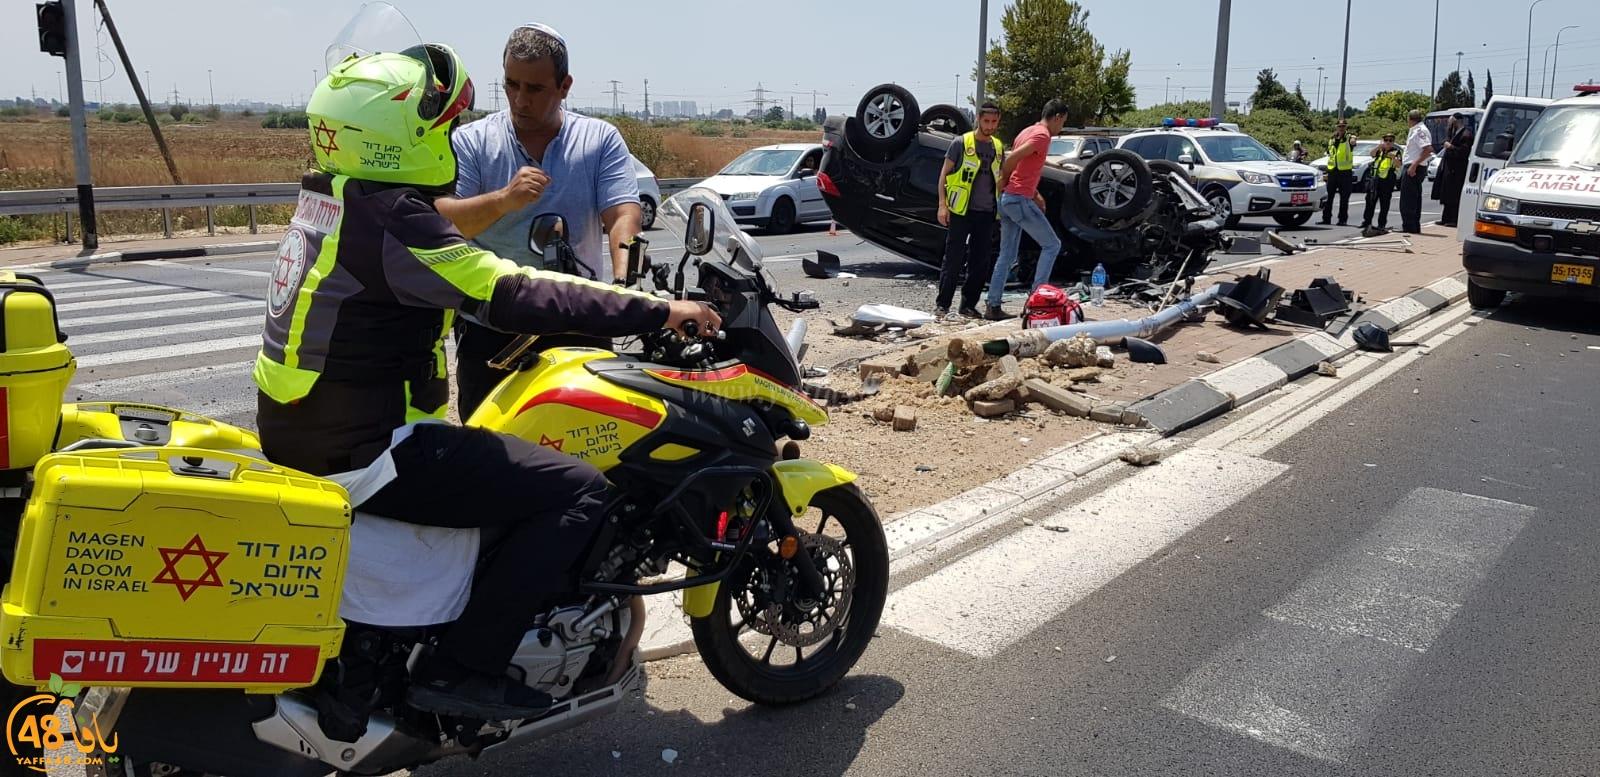 إصابة شخصين بانقلاب مركبة قرب مدينة اللد